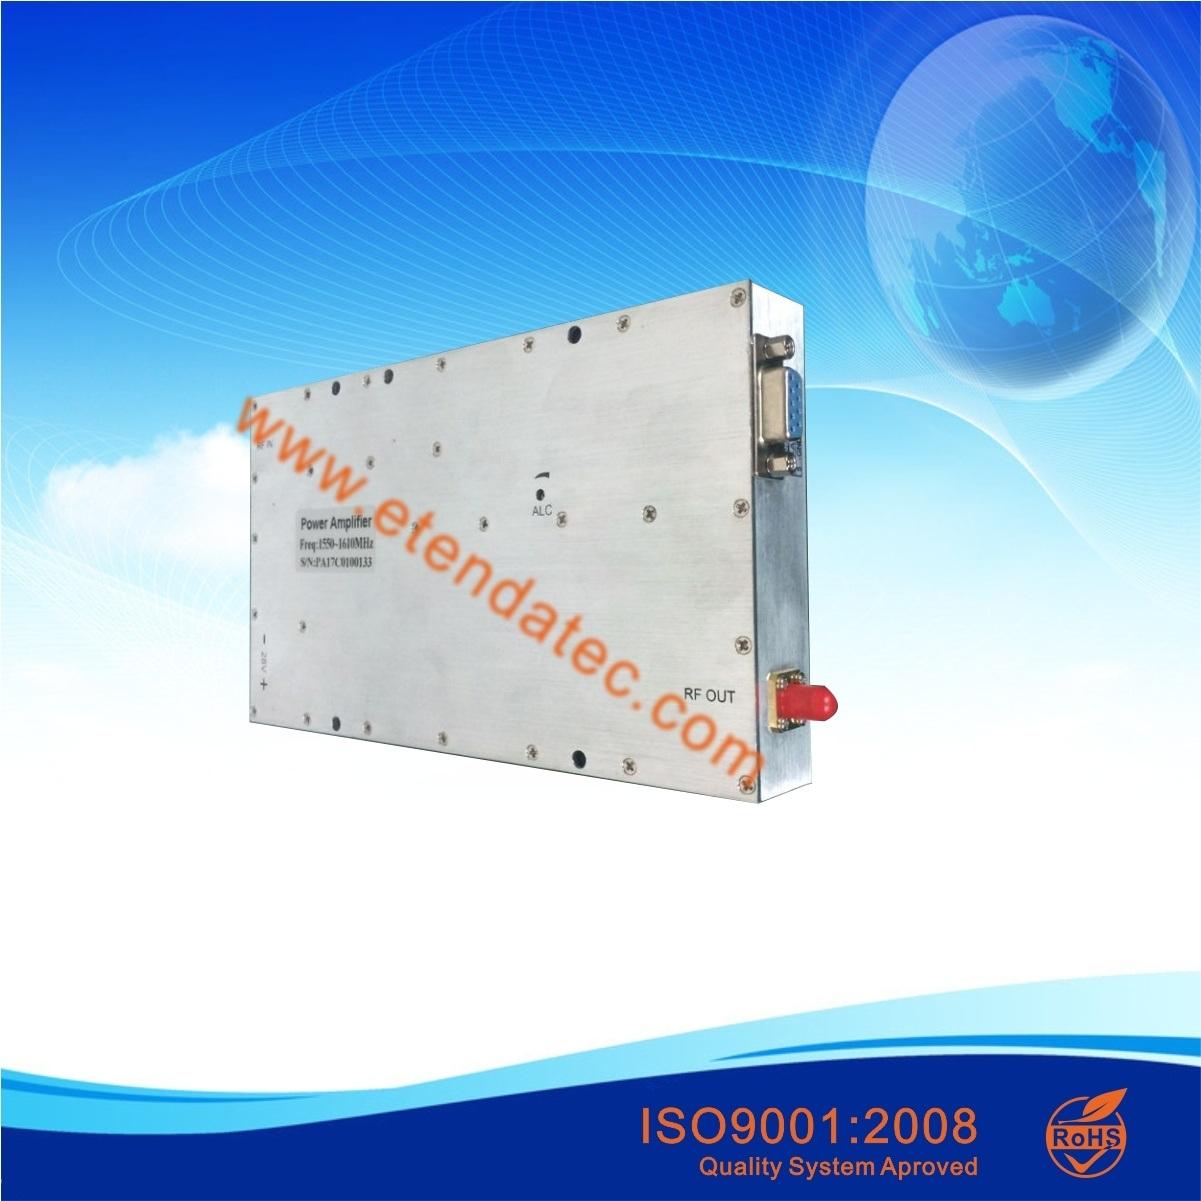 100W 50dBm Linear RF Power Amplifier PA